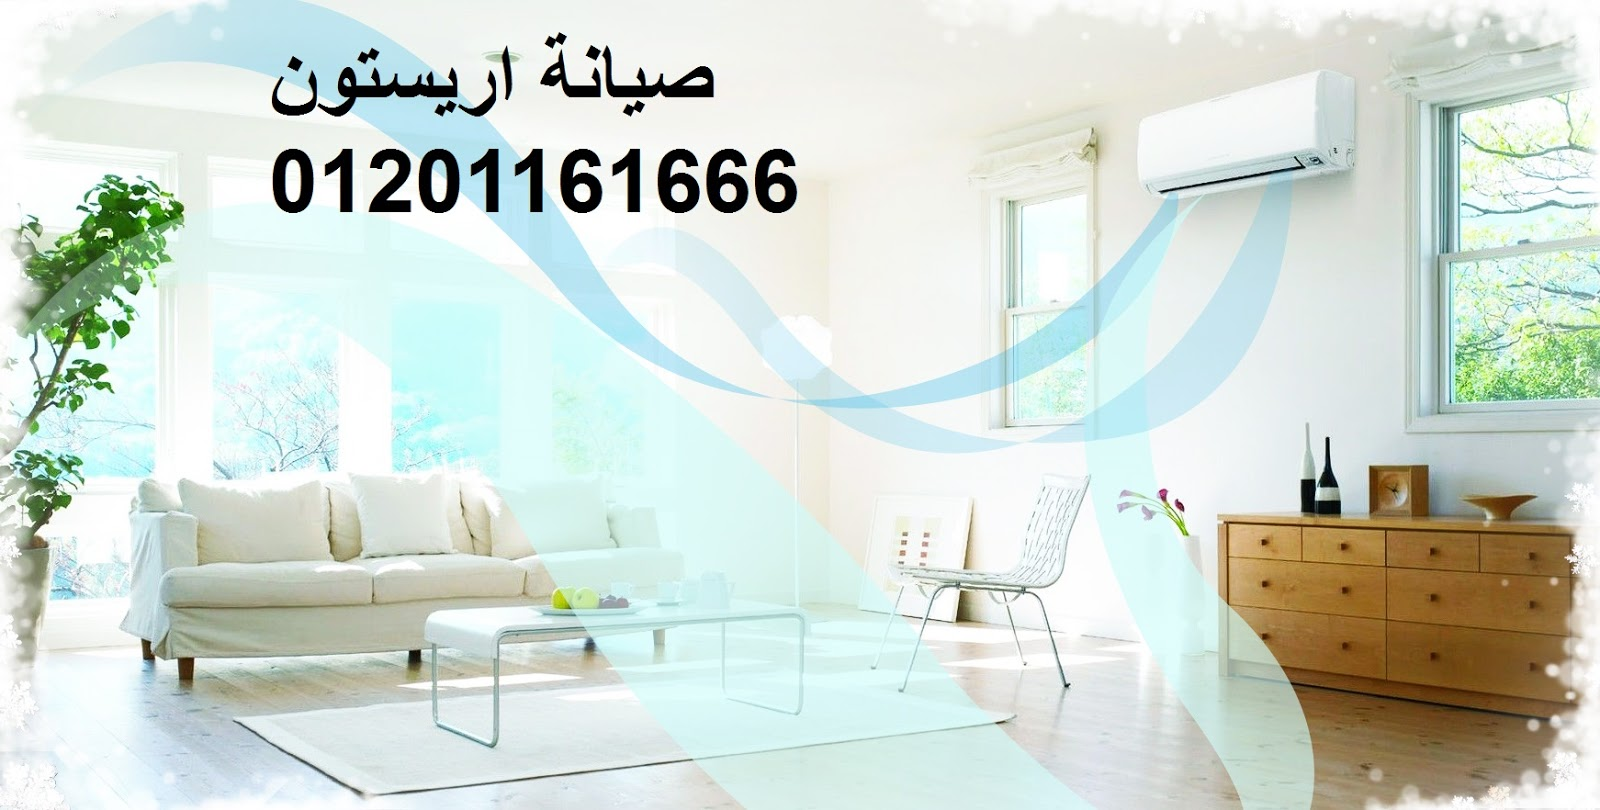 صيانة اريستون 01201161666